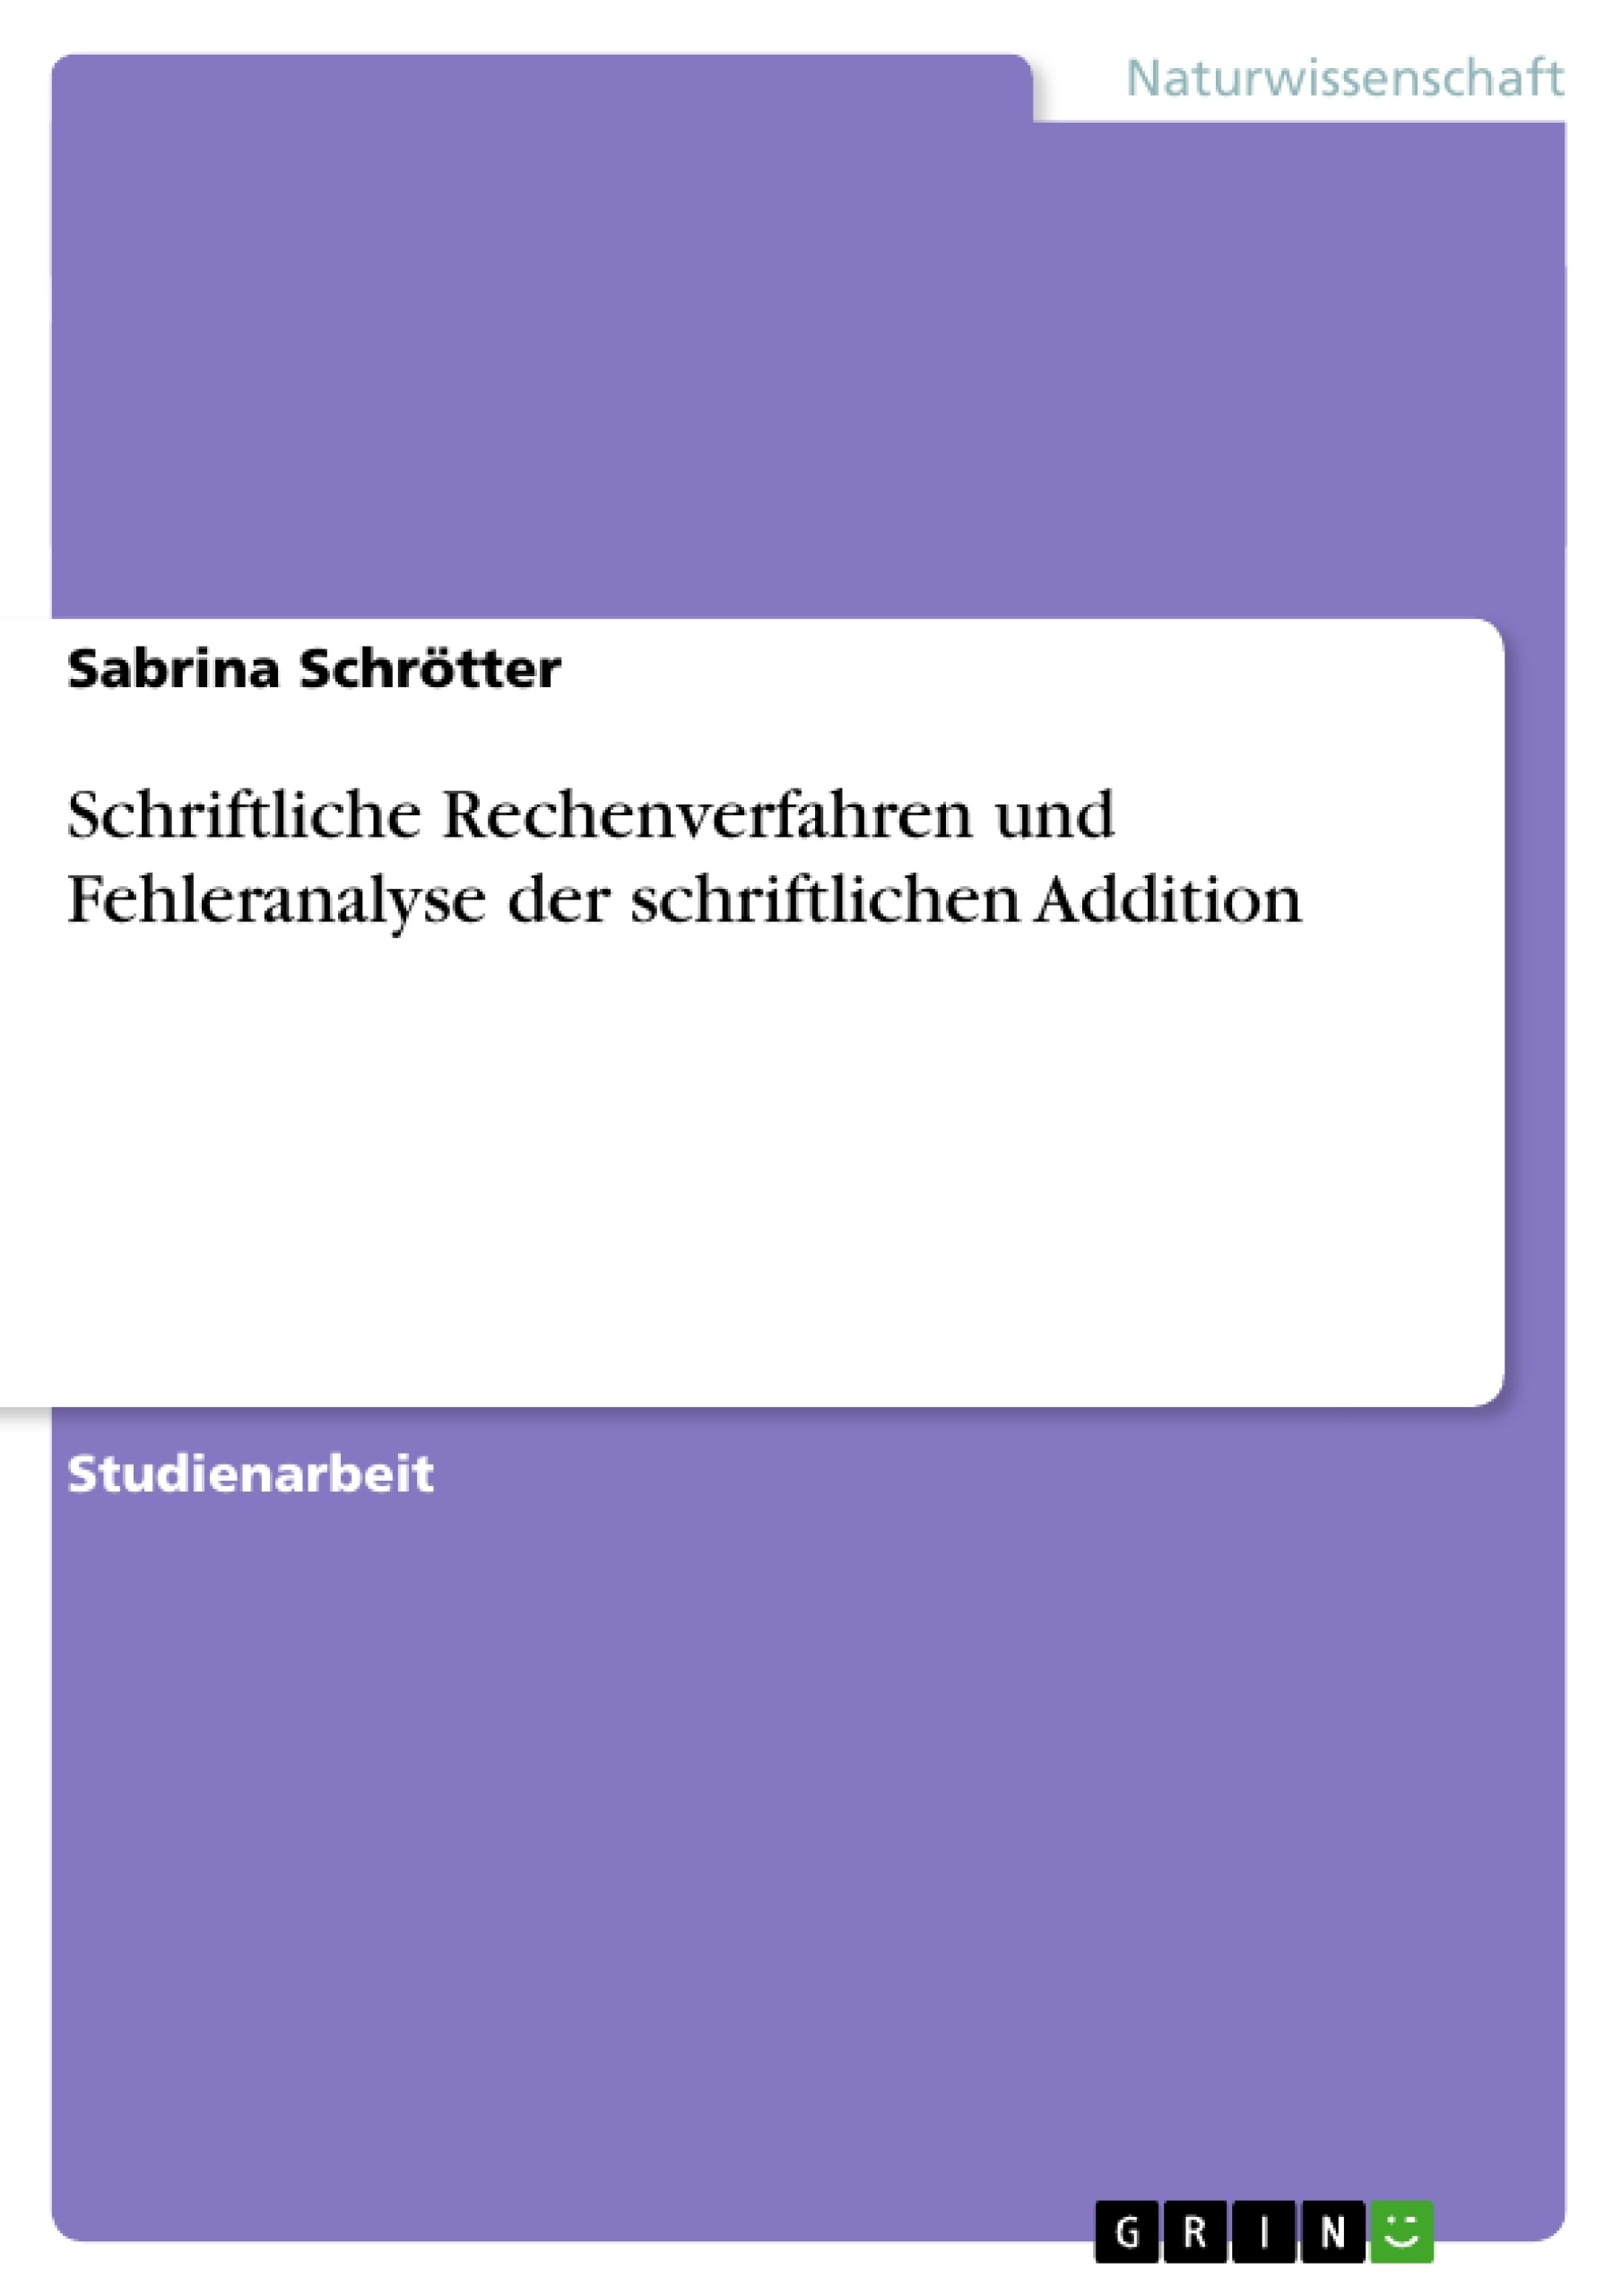 Titel: Schriftliche Rechenverfahren und Fehleranalyse der schriftlichen Addition